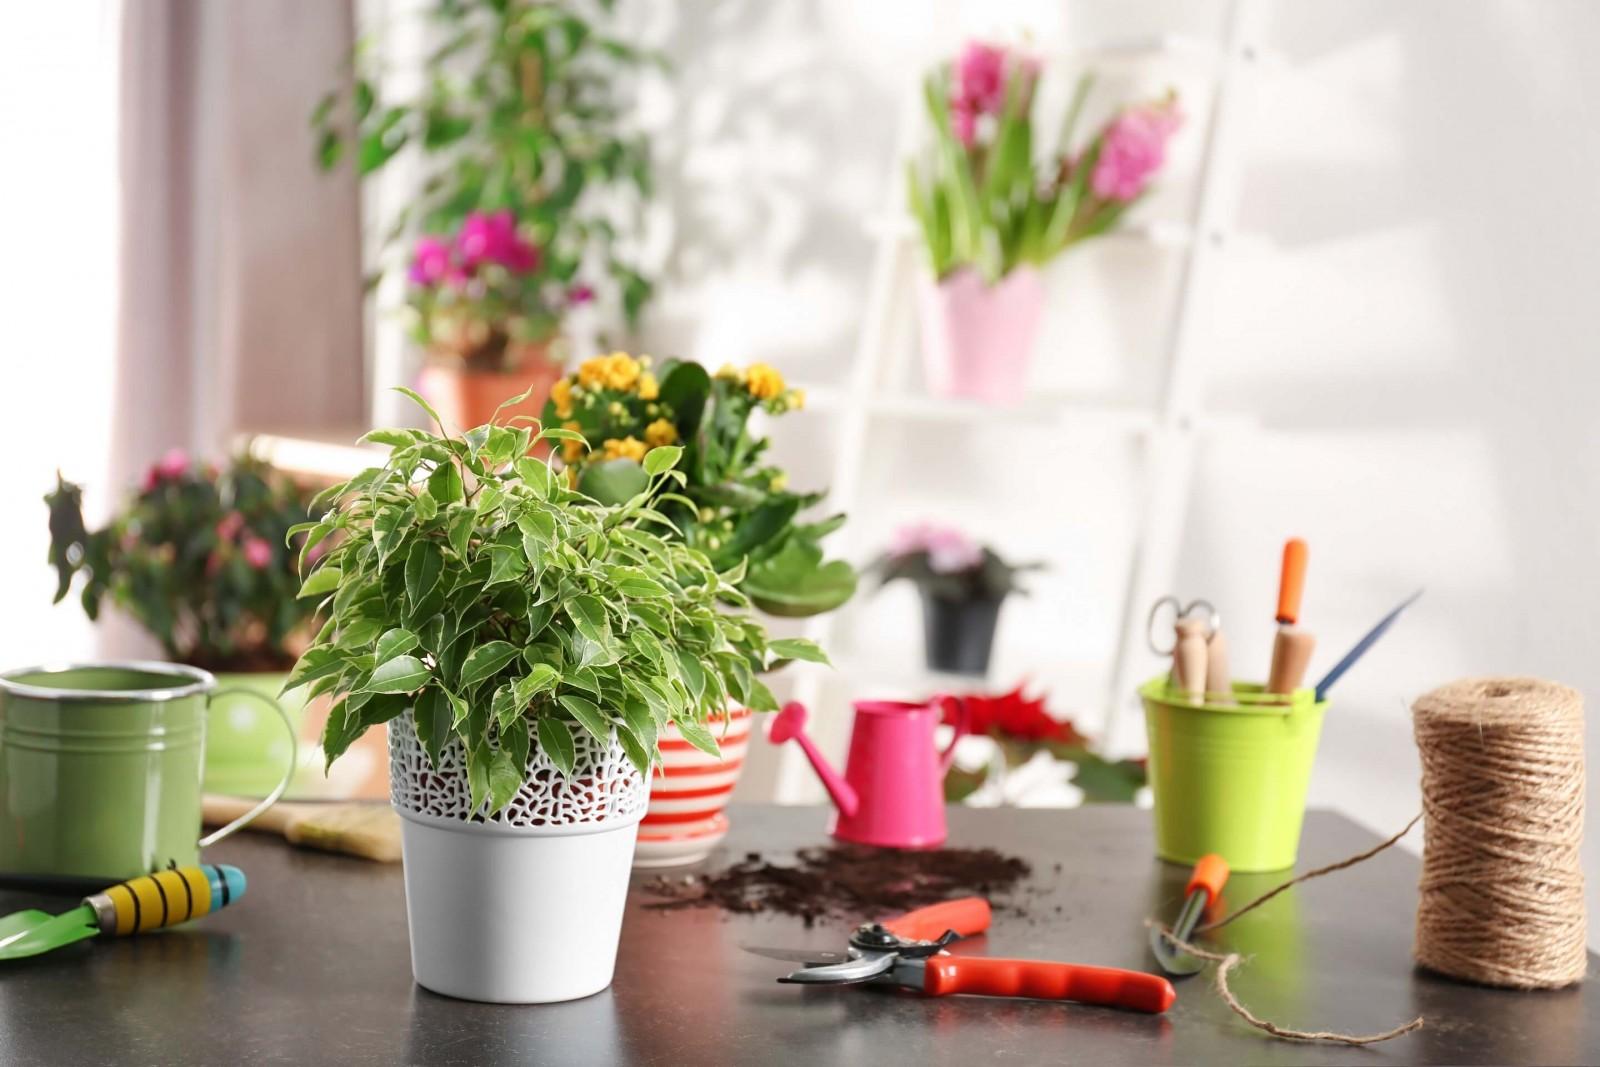 Комнатные растения: польза или вред?